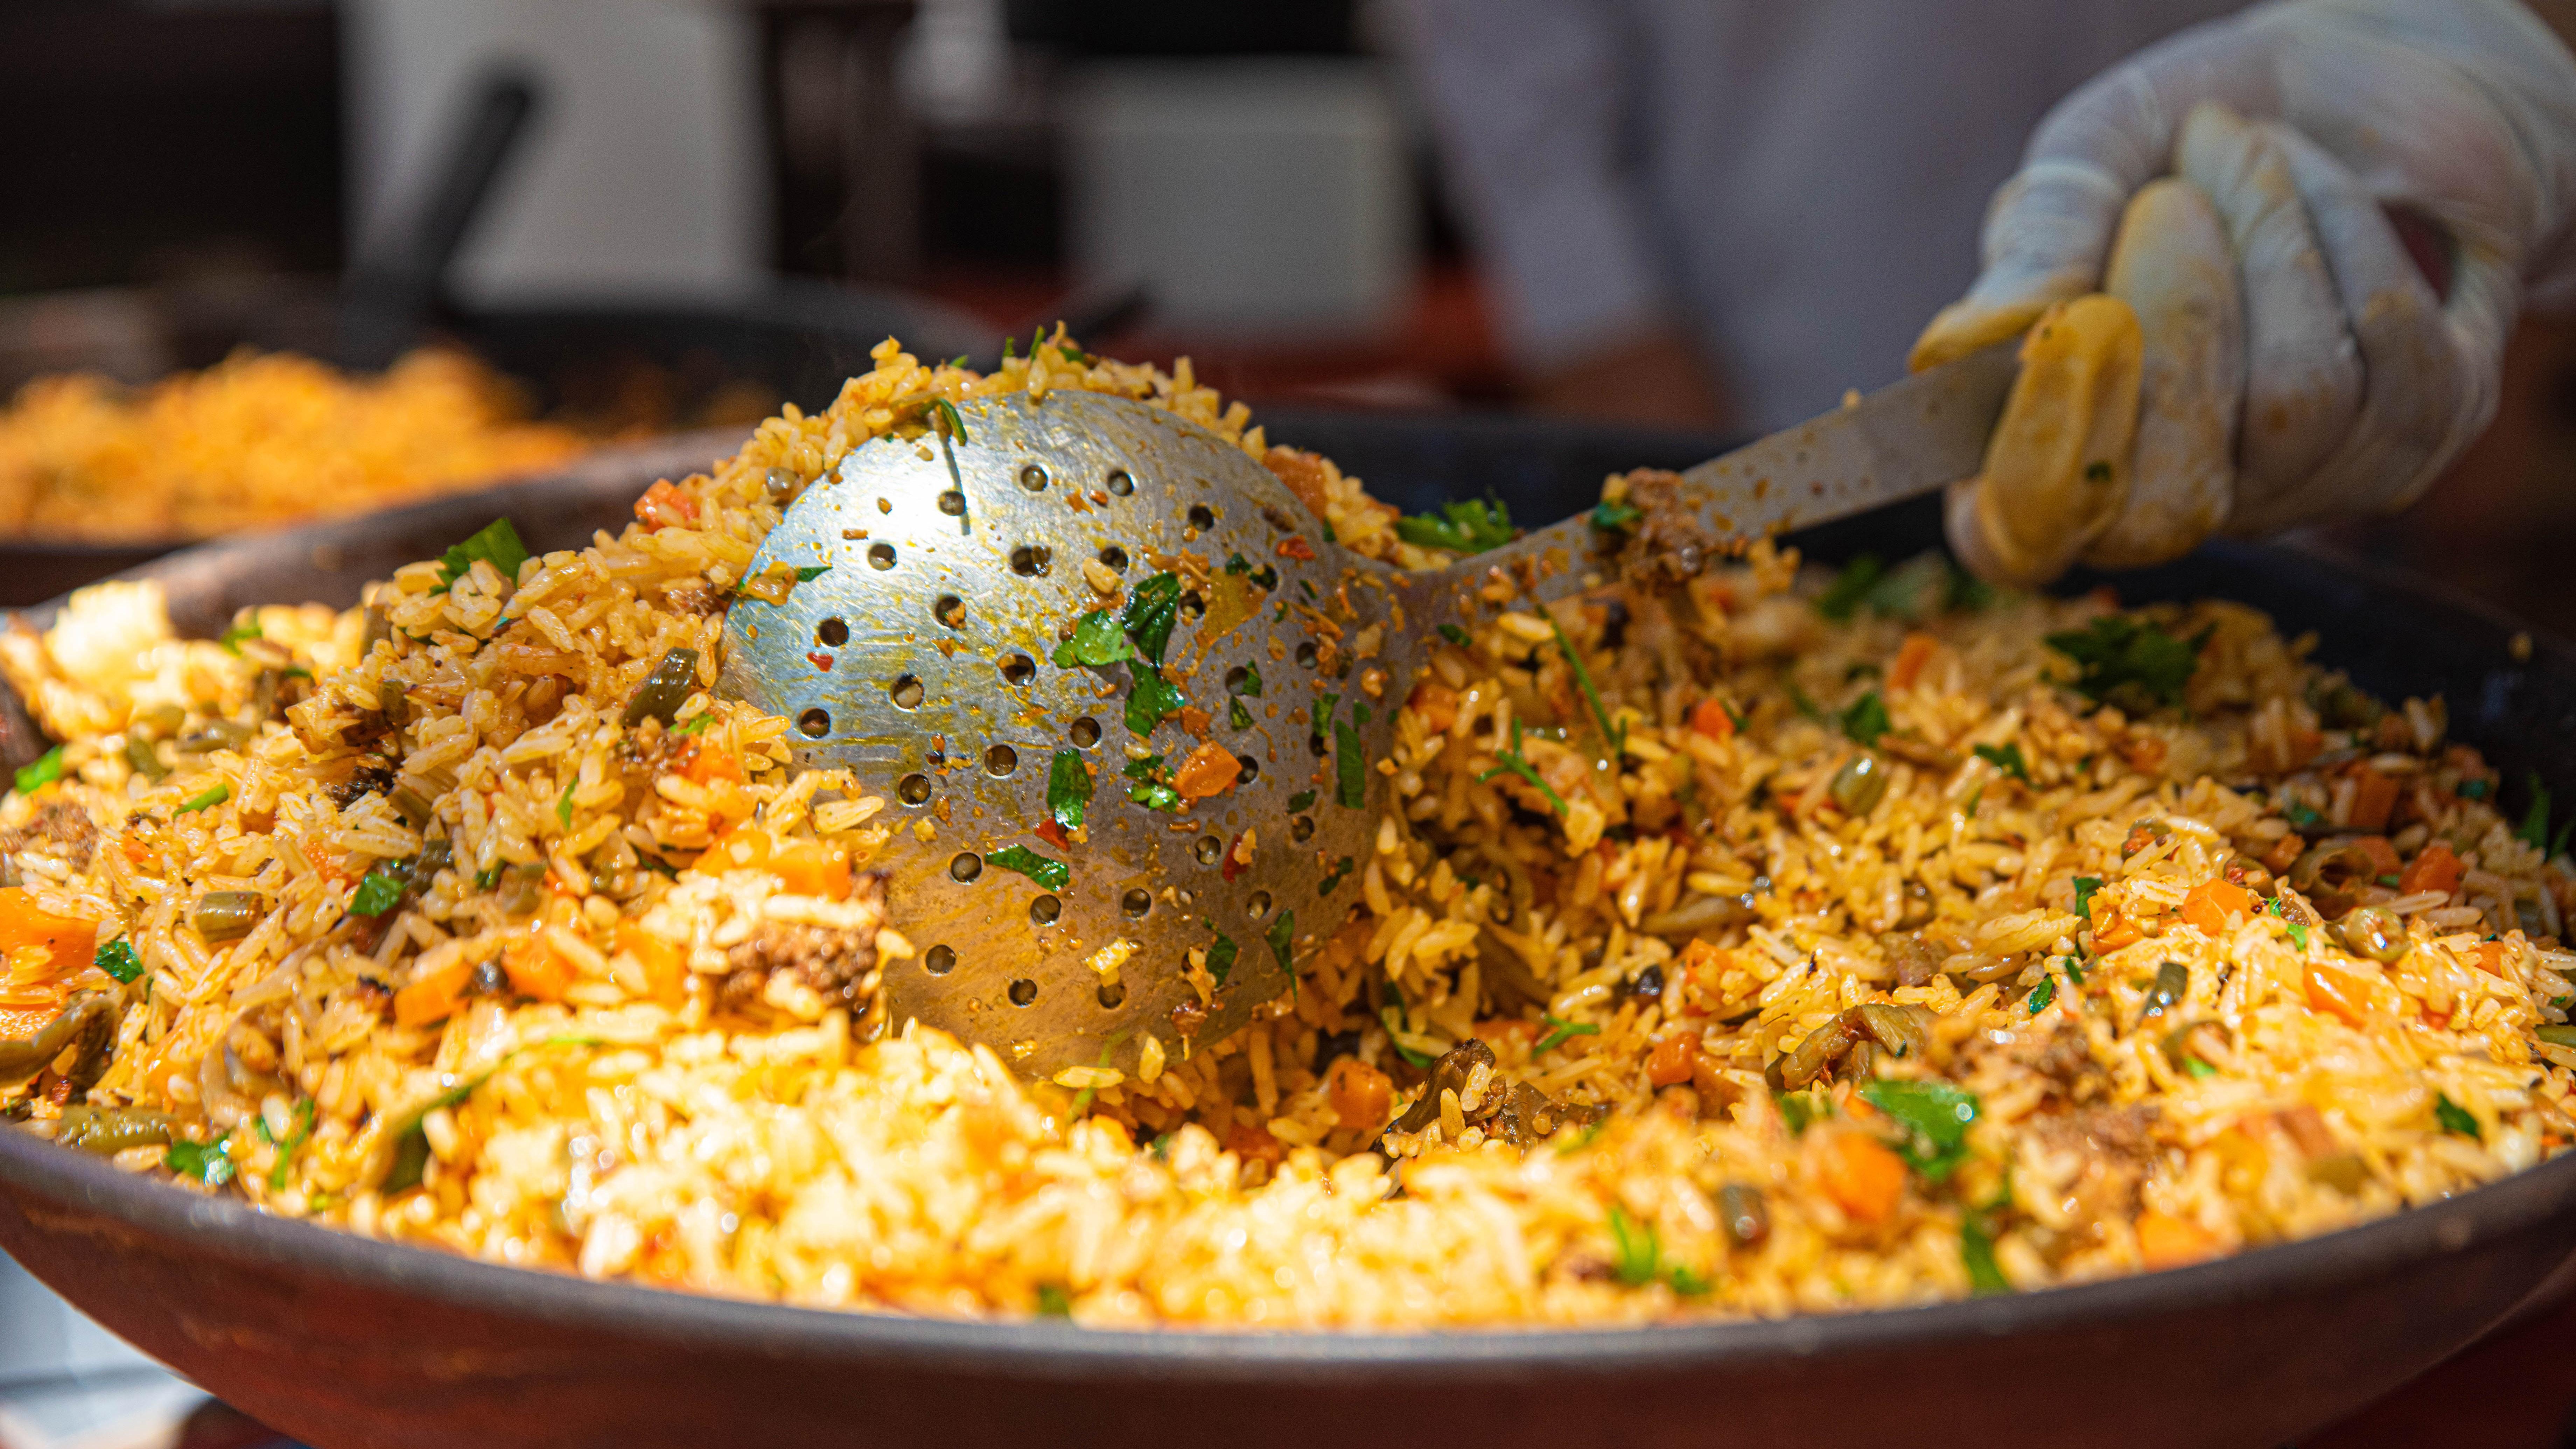 A la hora del almuerzo, también se podían comprar platos abundantes de arroz con vegetales.